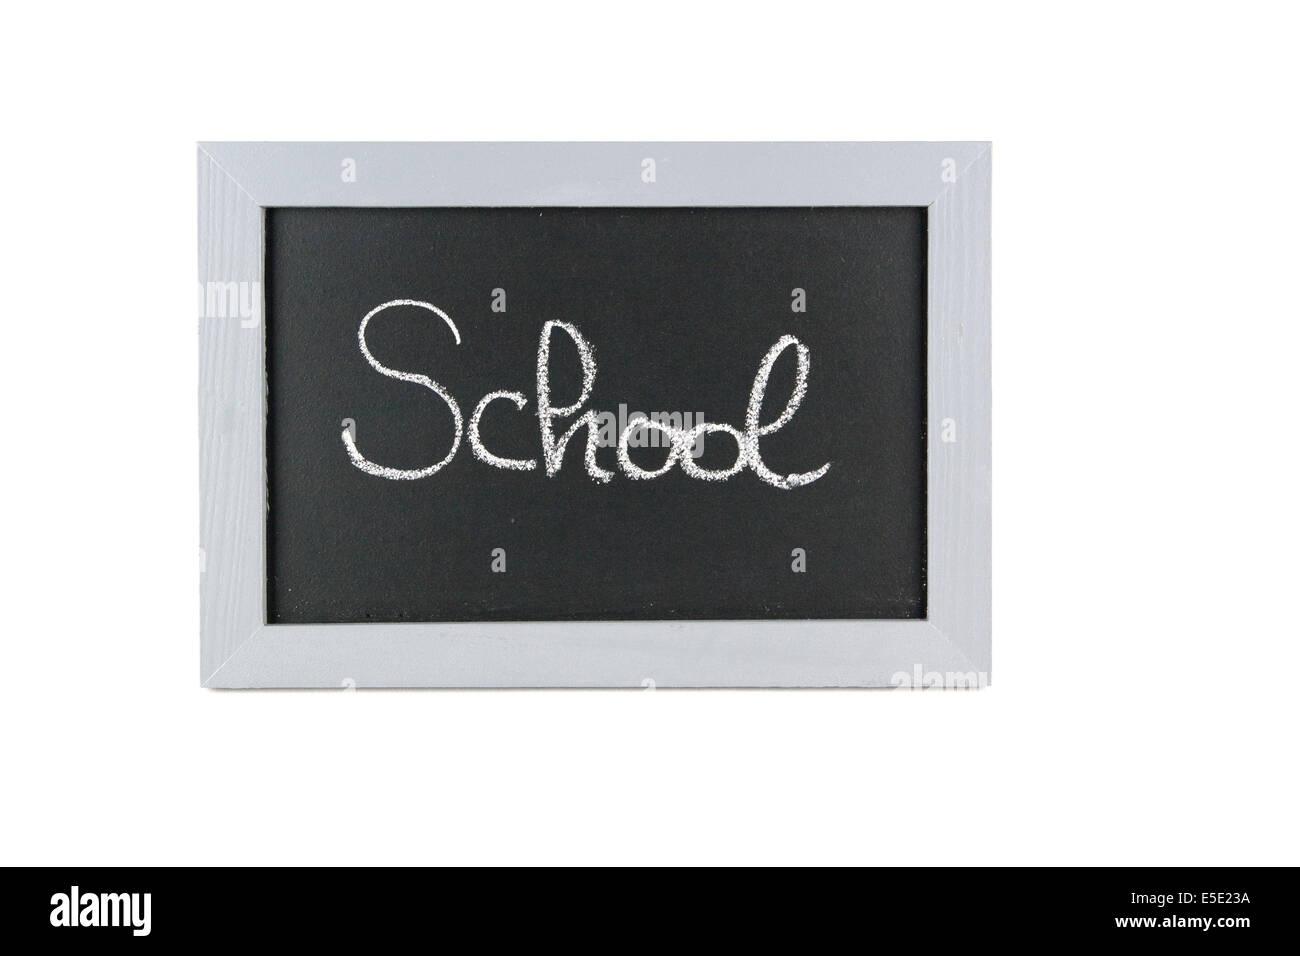 Tafel Schule School Ferien Urlaub Sommerpause Ferienzeit Sommerferien Kinder Mitschueler Frei Schulfrei Lernpause - Stock Image